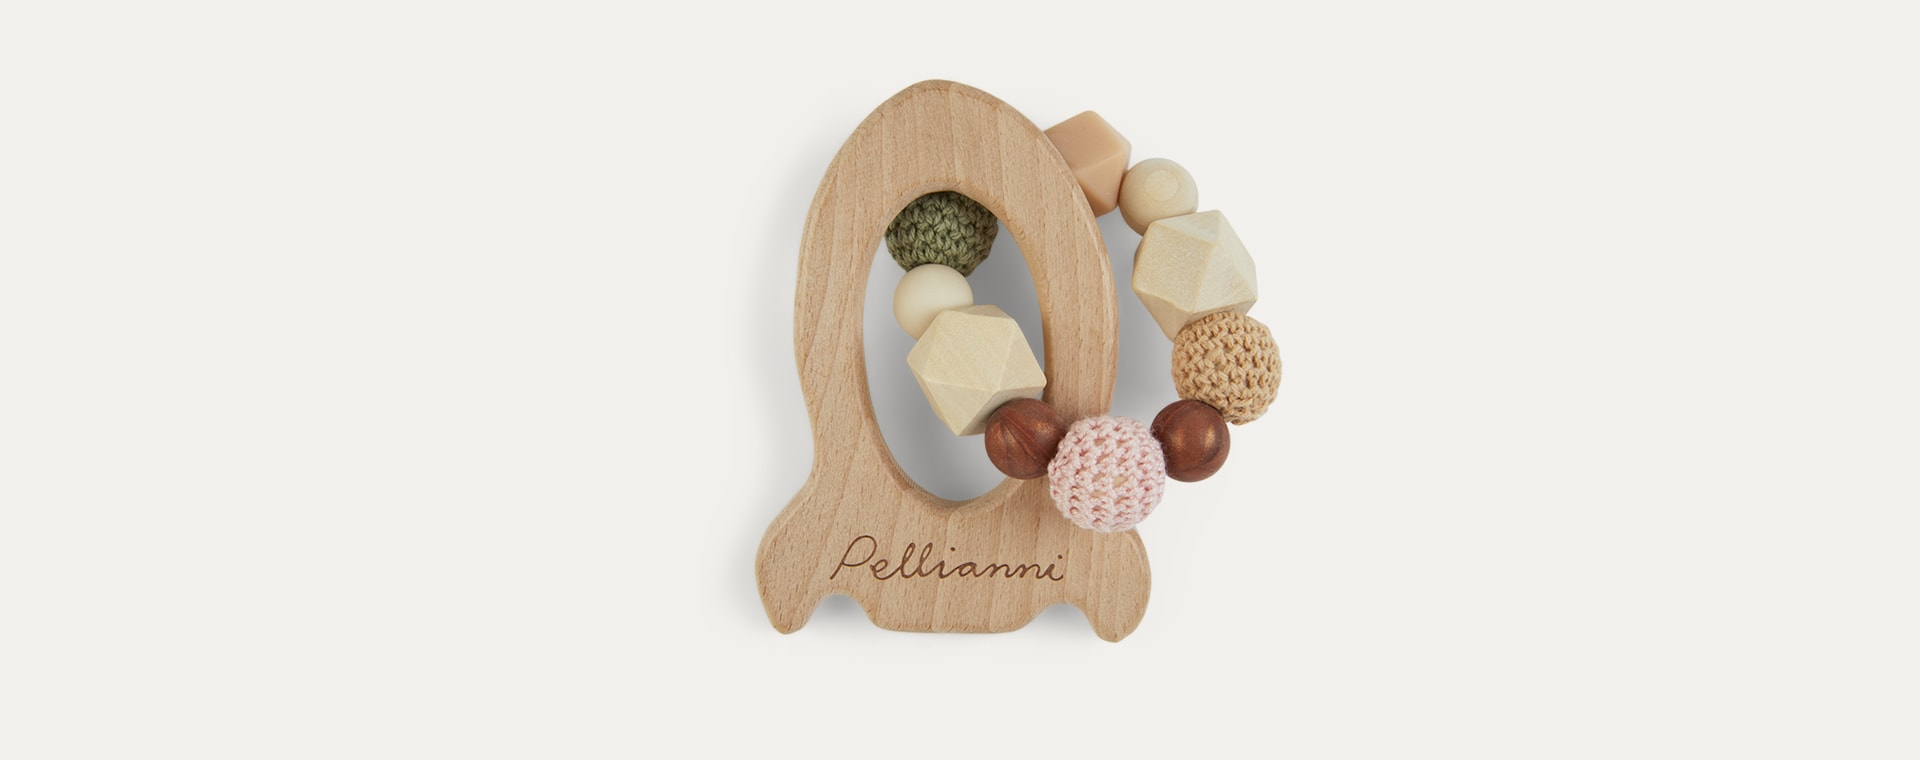 Autumn Pellianni Rocket Teether